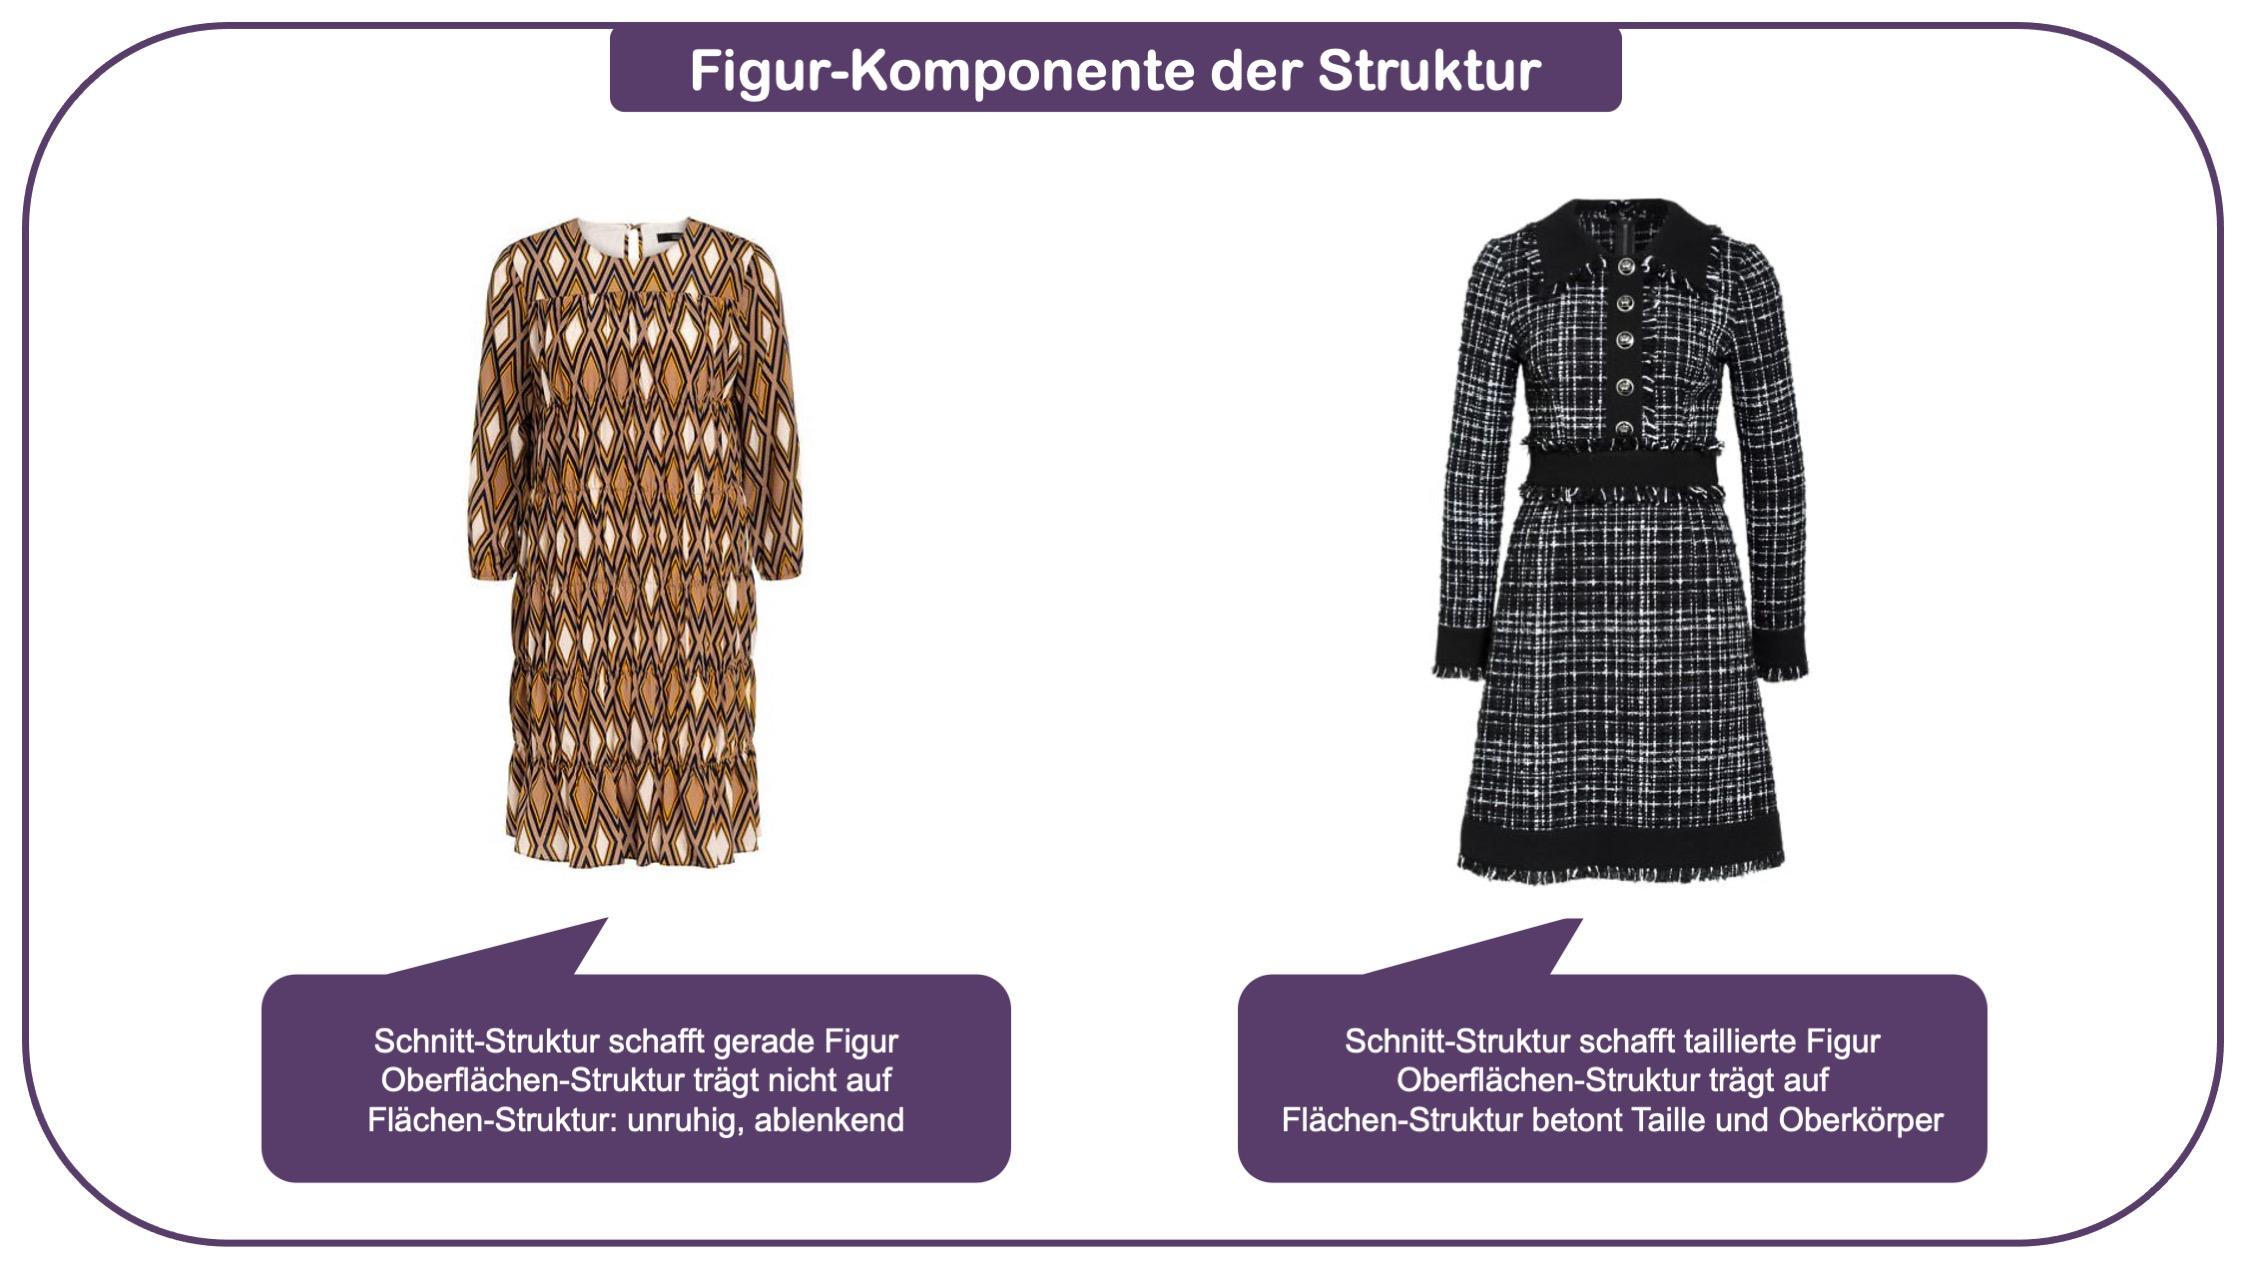 Stilfaktor Struktur Modewissen Beispiel 5